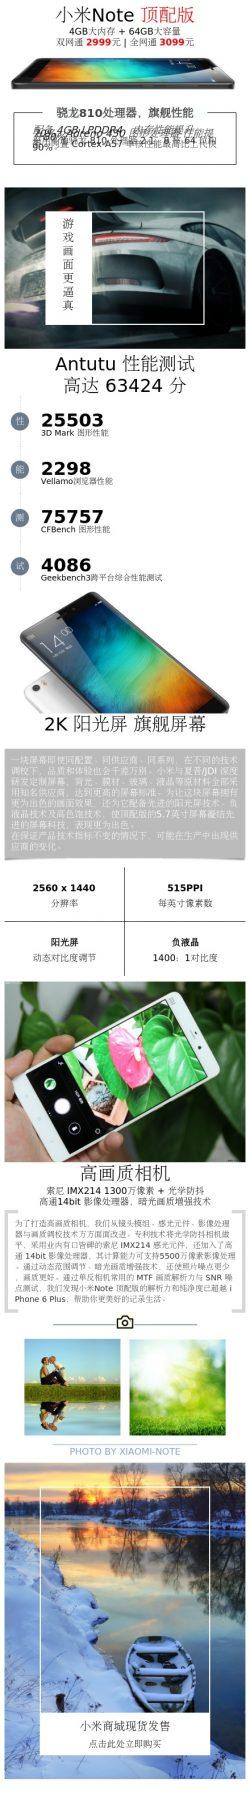 小米Note商品介绍,手机数码产品介绍